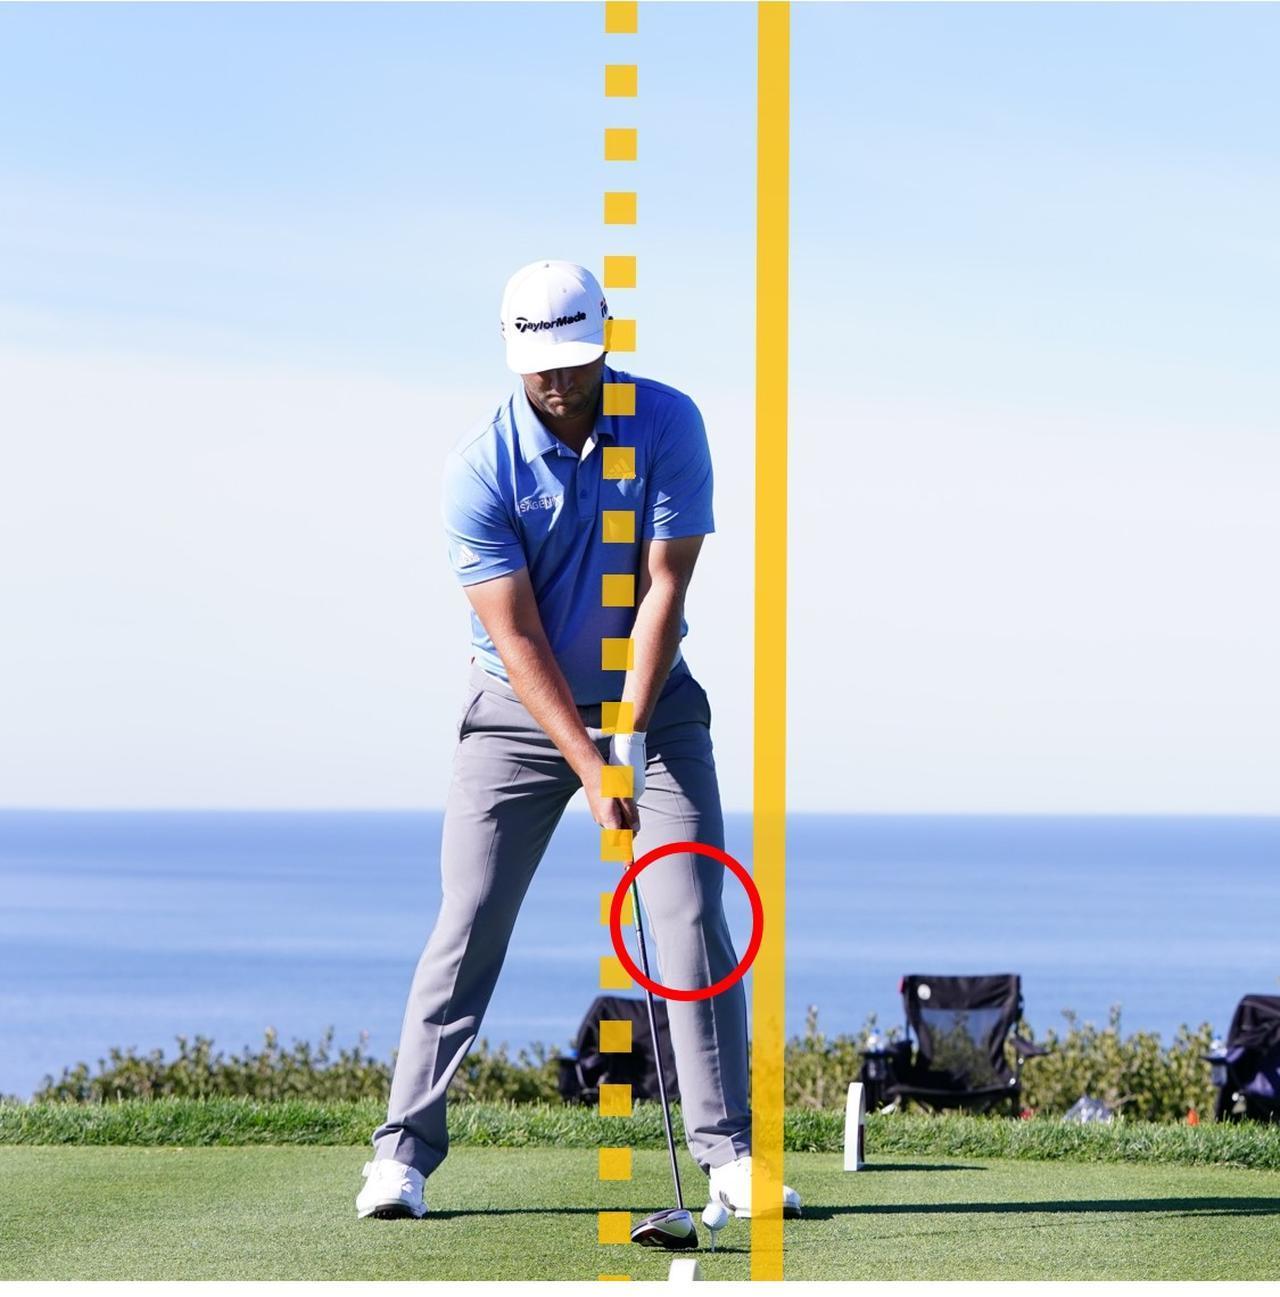 画像: 左ほほにもう一本線を引くと、その線がヘッドの最下点